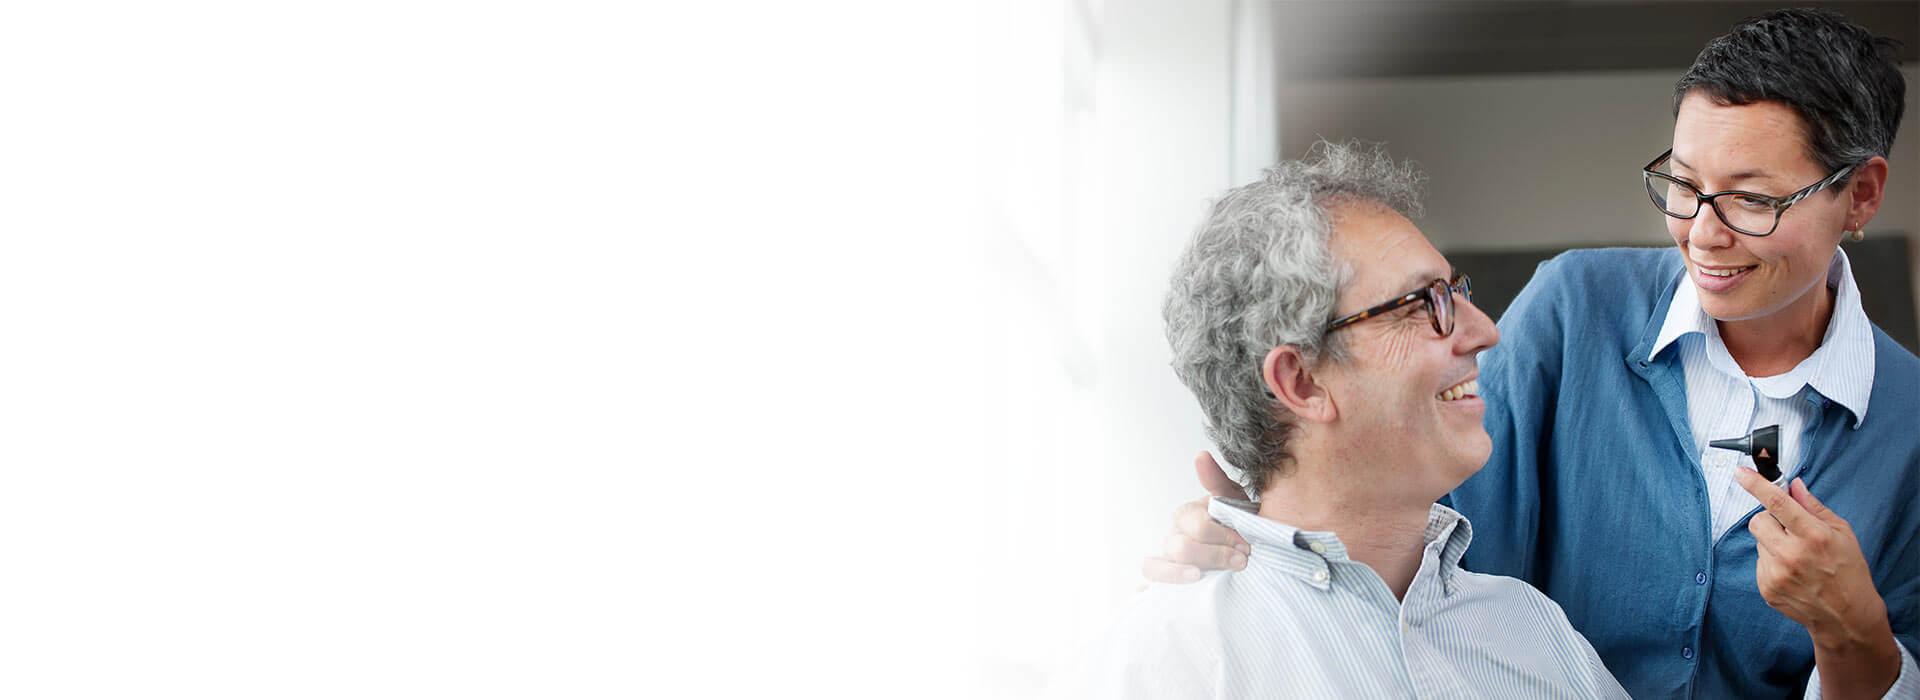 Un audioprotesista controlla l'orecchio del cliente